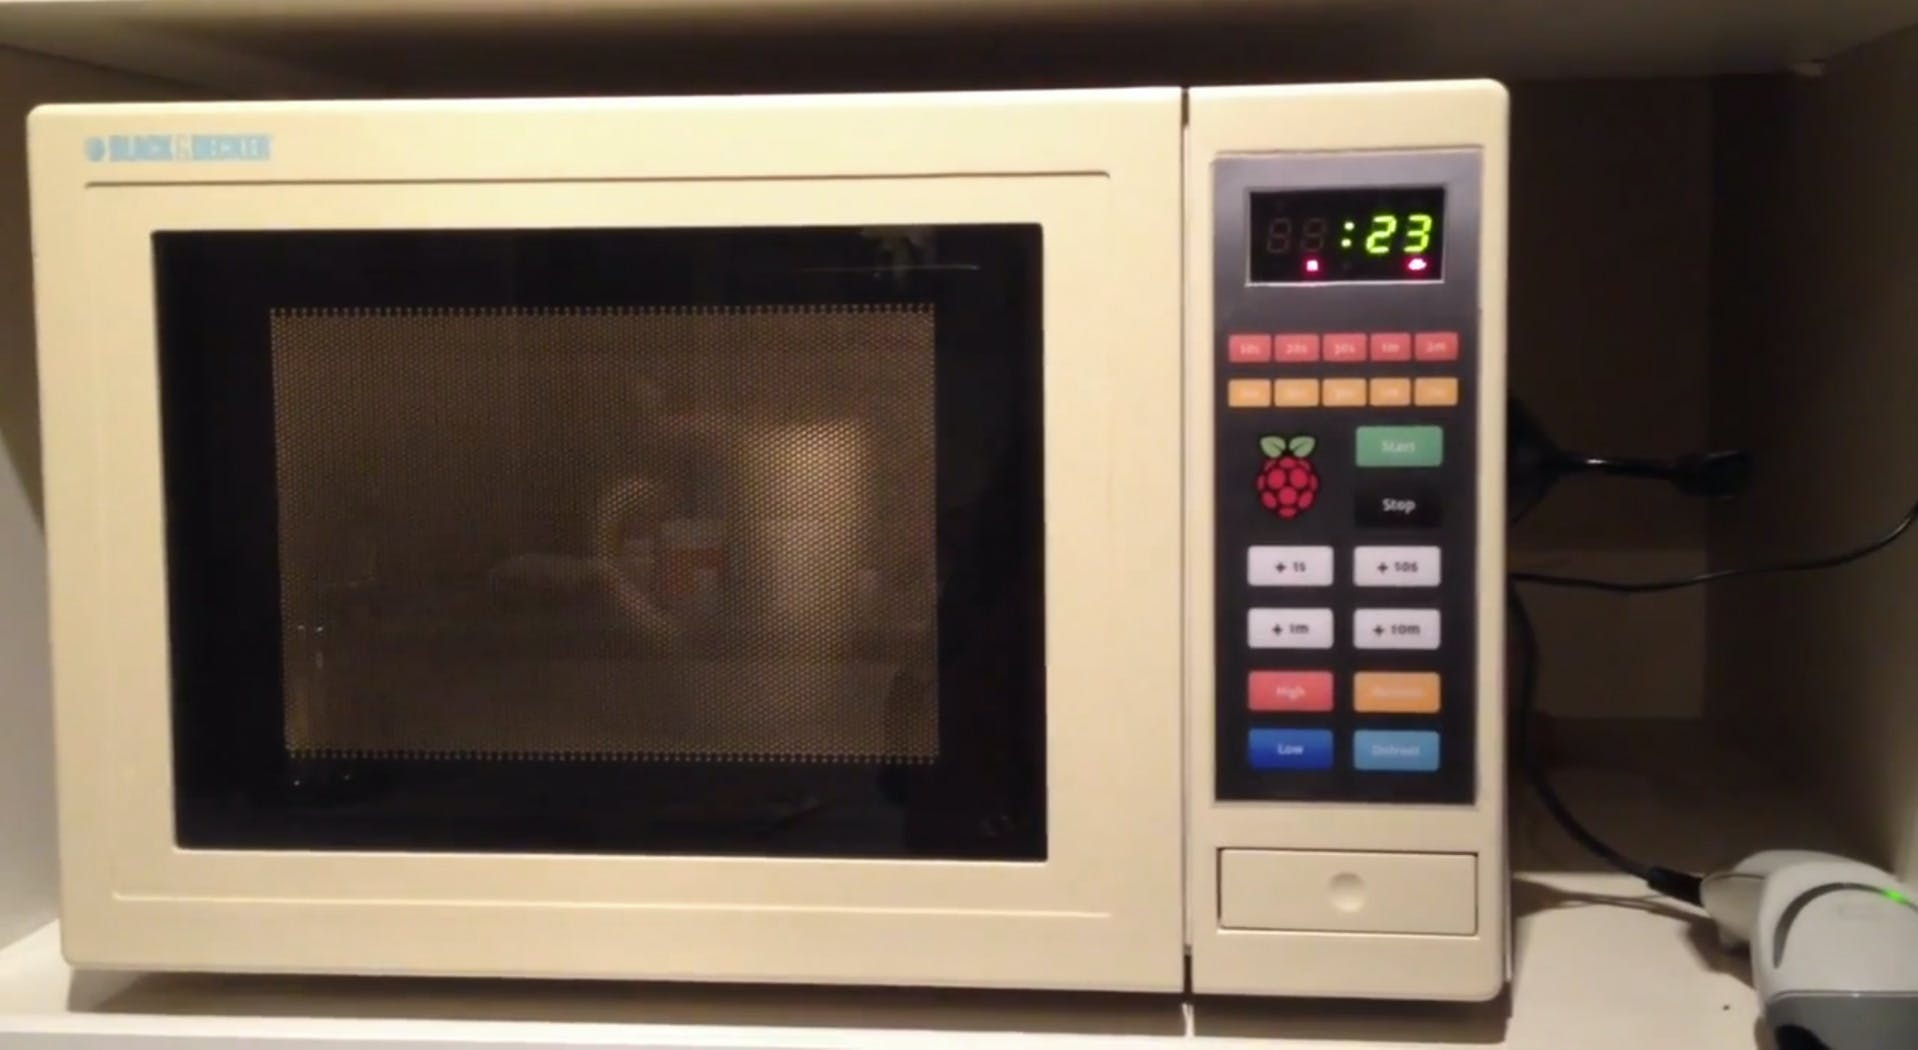 Die Raspberry Picrowave: Eine Mikrowelle mit Web-Interface, Sprachaus- und -eingabe und Barcode-Scanner für Mikrowellen-Gerichte.